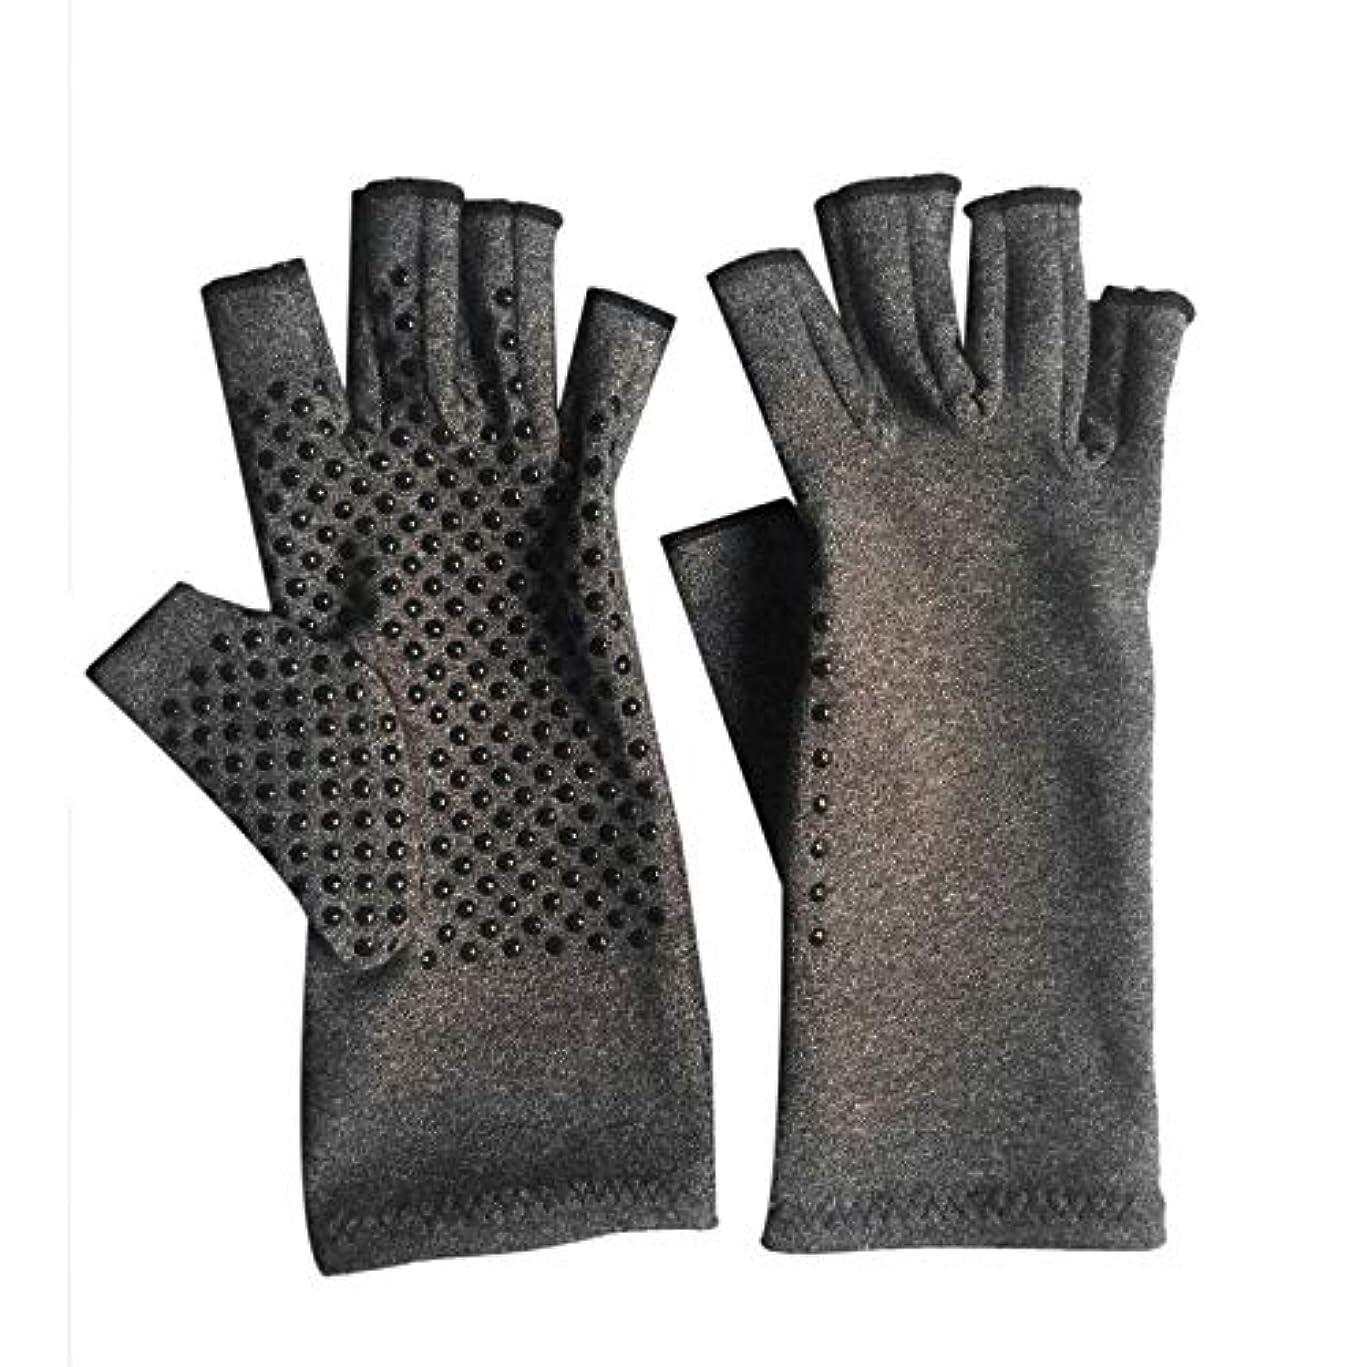 スピーカーさびた海岸1ペアユニセックス男性女性療法圧縮手袋関節炎関節痛緩和ヘルスケア半指手袋トレーニング手袋 - グレーM